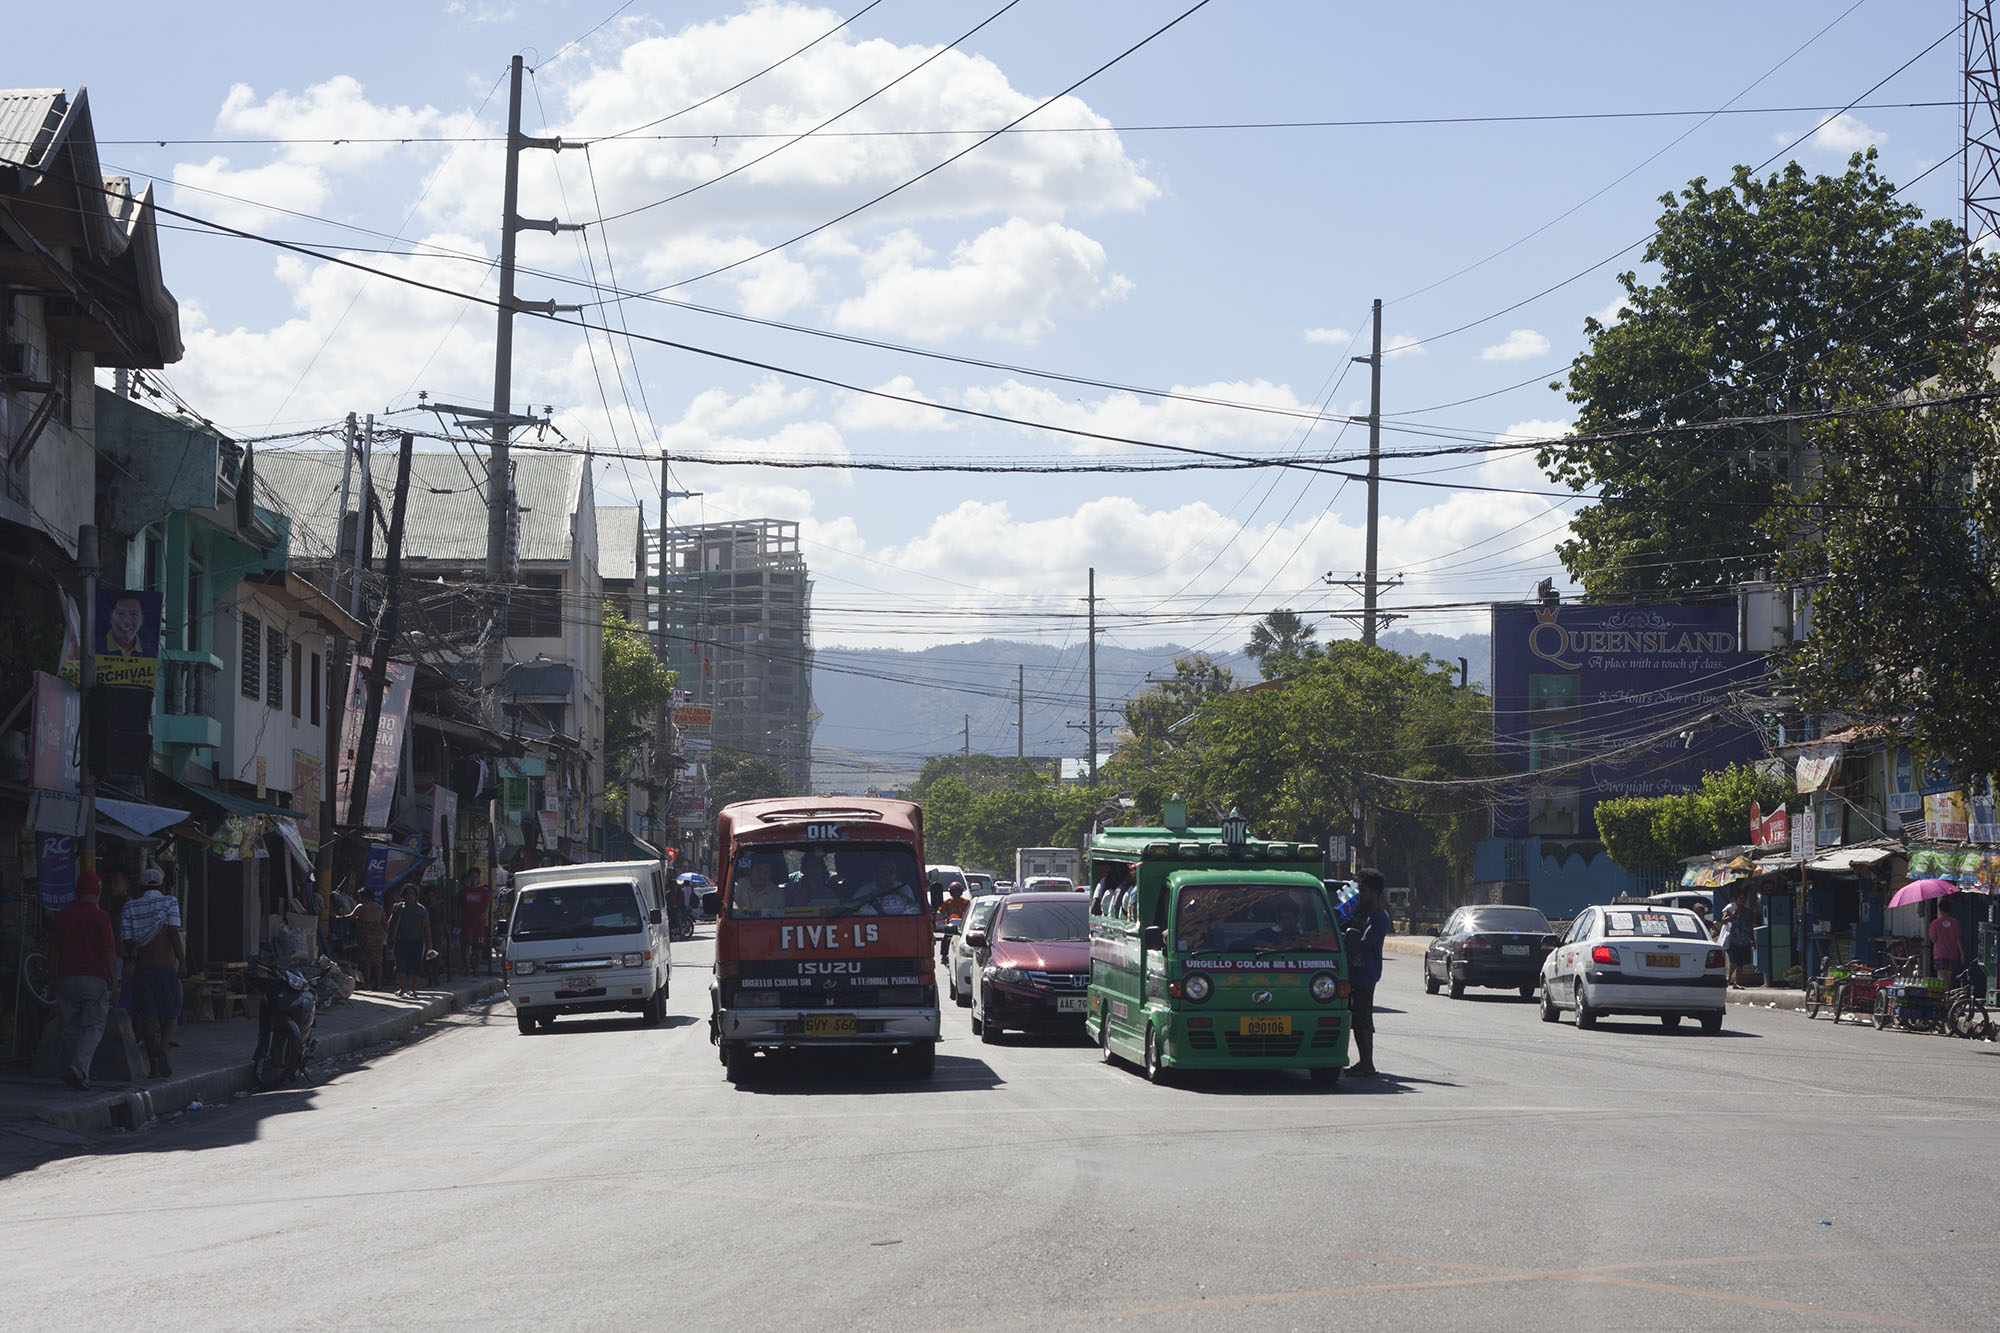 -菲律賓出發前須知-菲律賓常見的交通工具